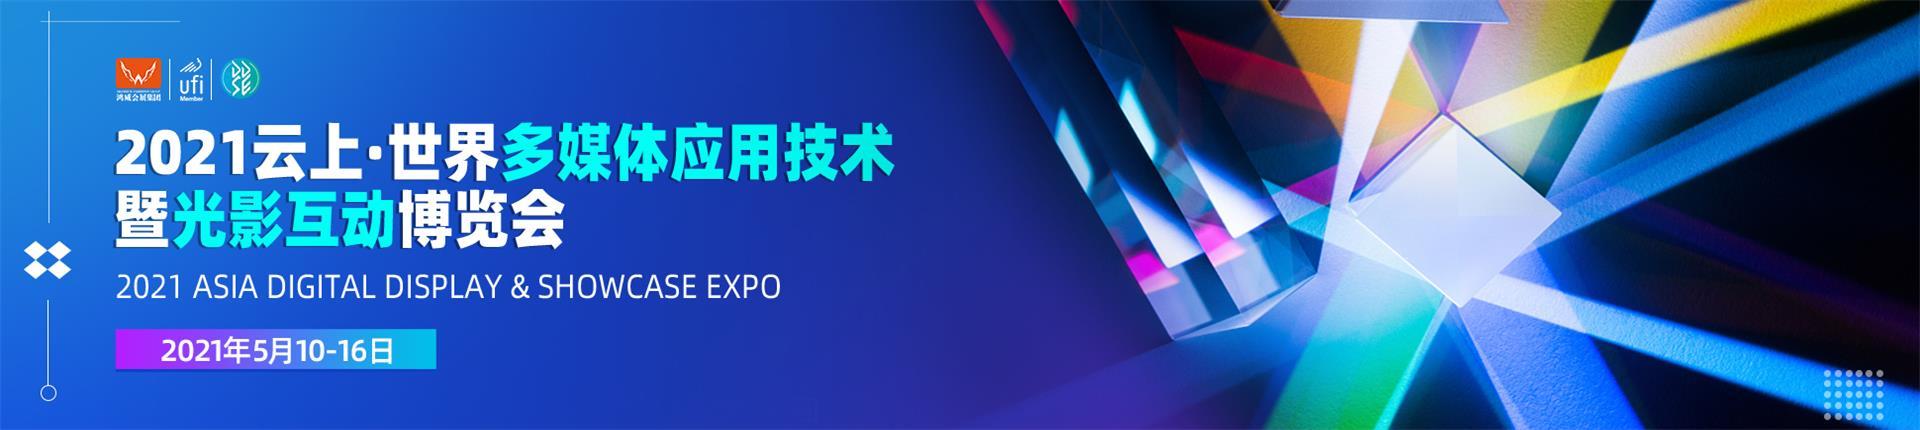 2021云上·世界多媒体应用技术暨光影互动博览会